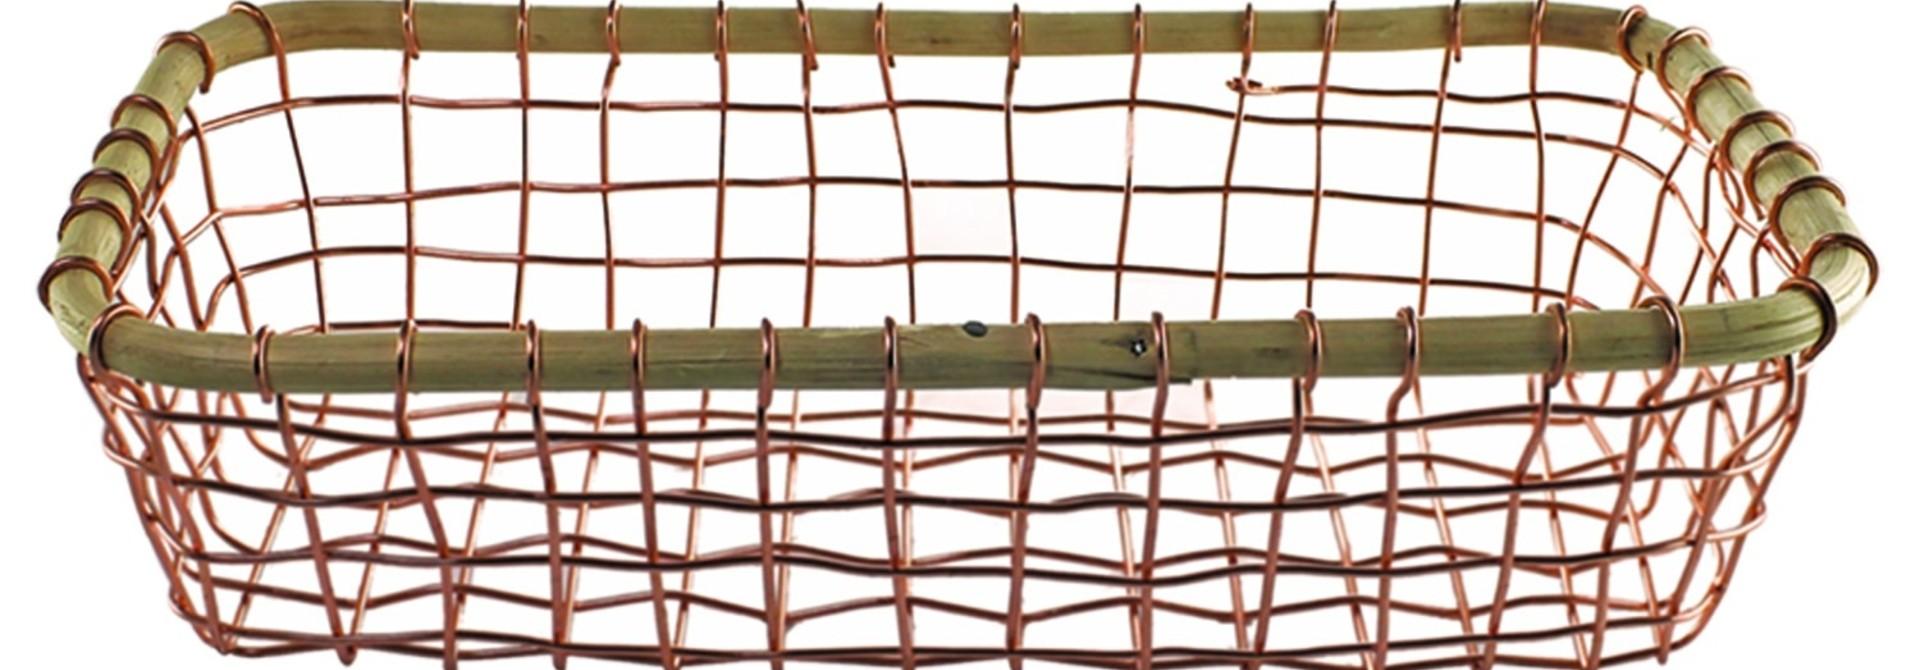 Copper Wire & Cane Rectangular Basket